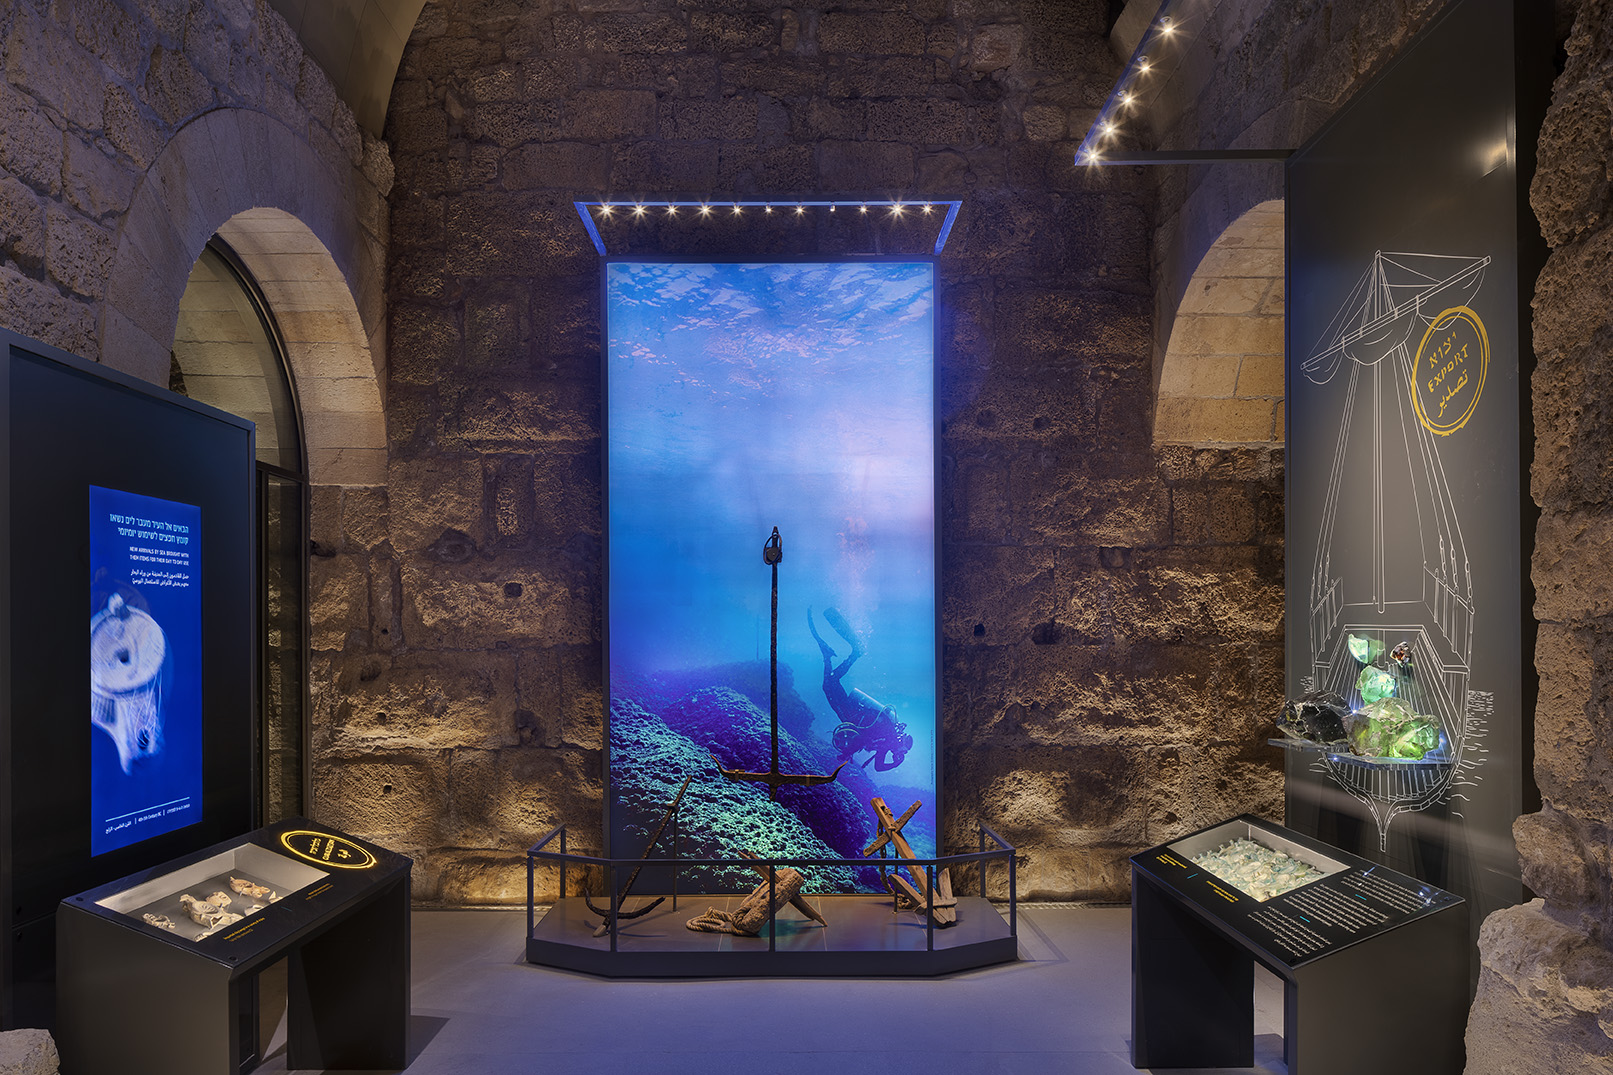 מרכז המבקרים קמרונות נמל קיסריה 6 צילום אסף פינצ'וק